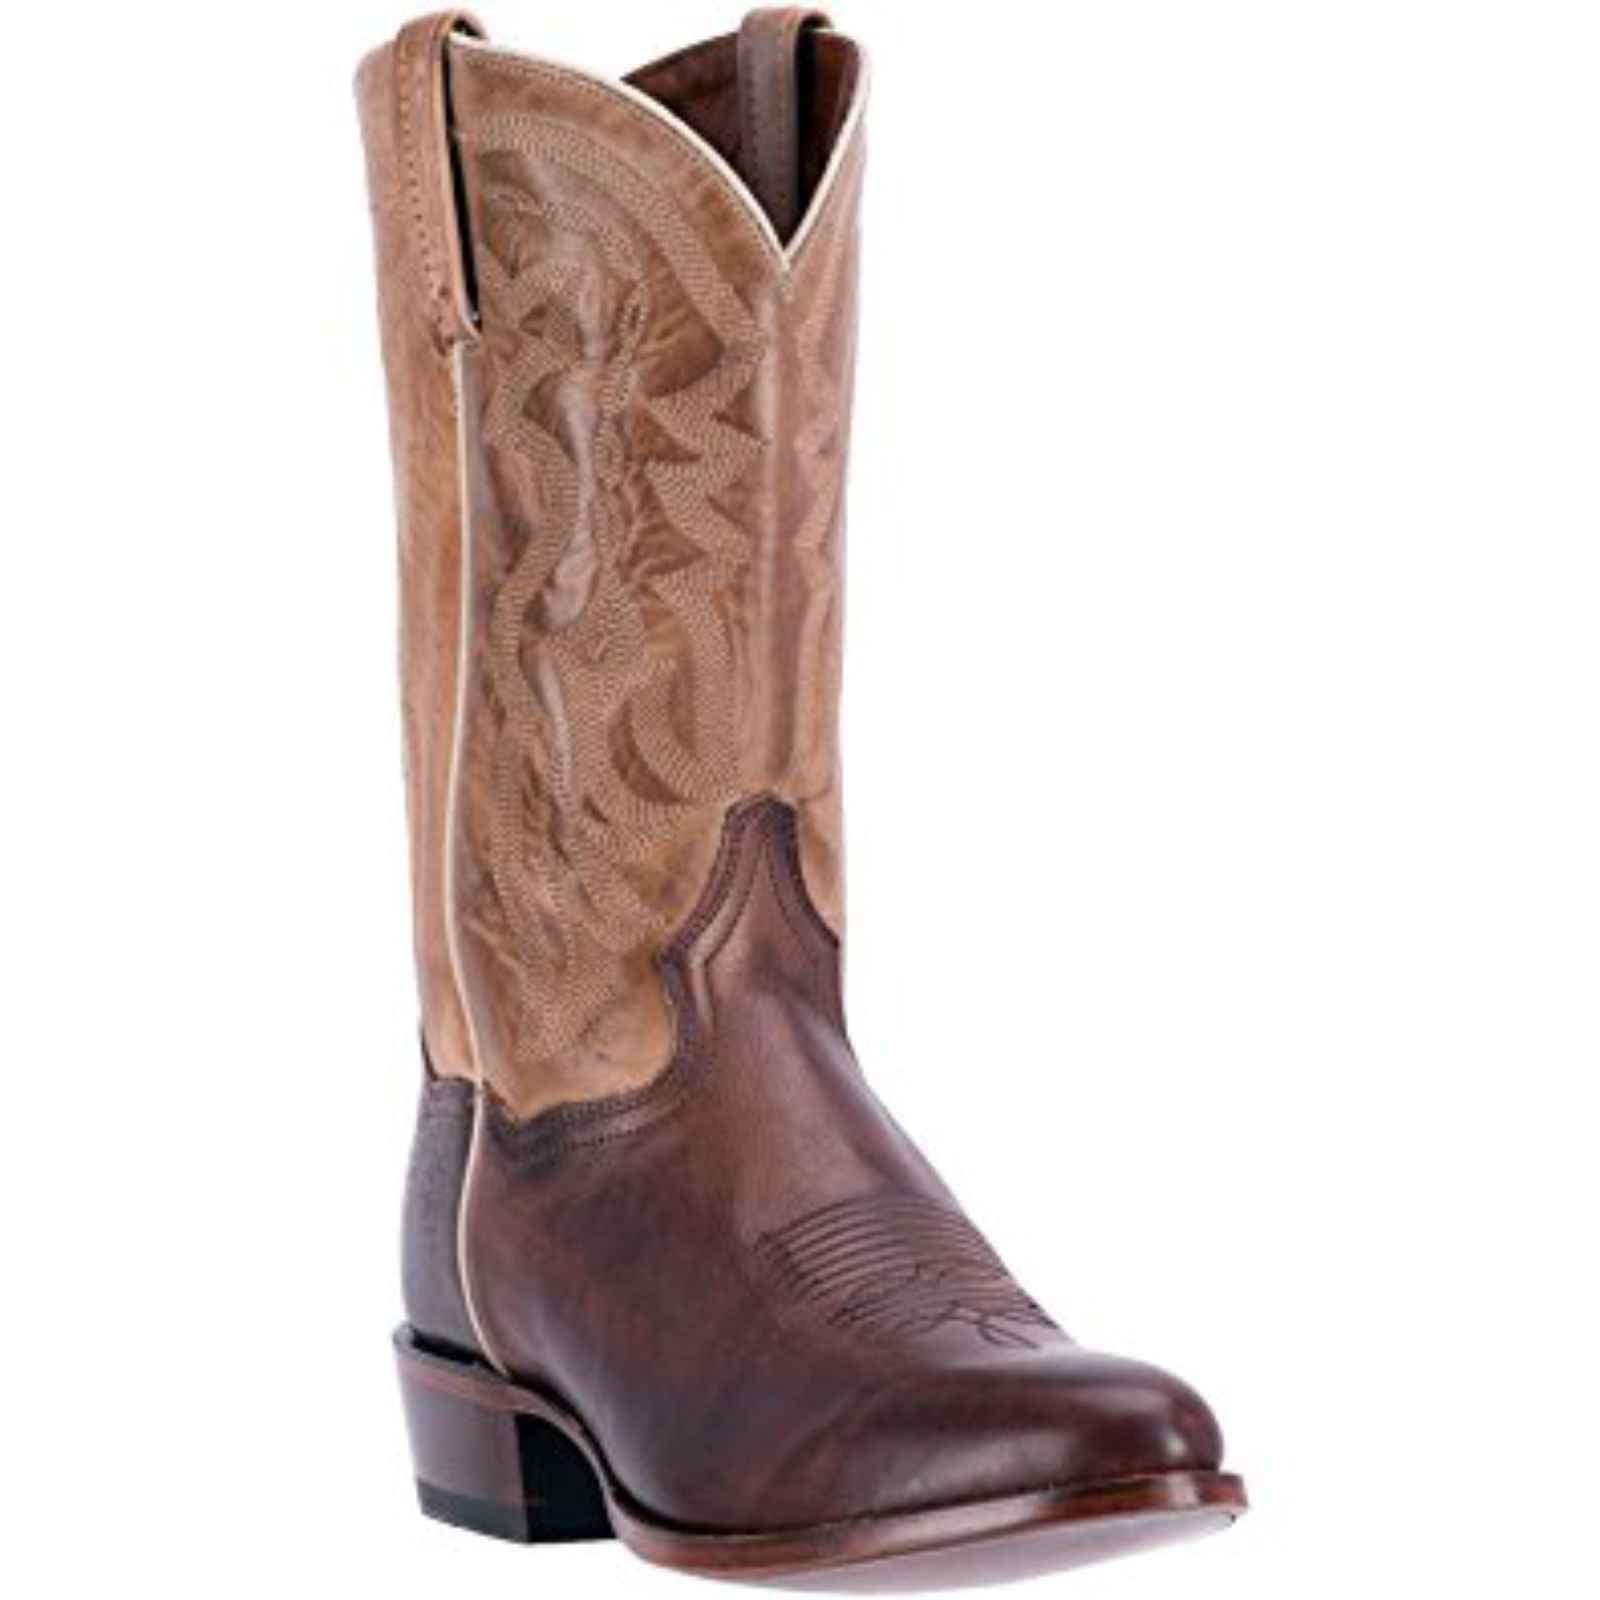 """Dan Post Men's 12"""" Leather Greer Western Chocolate Tan Boots, DP2177 by DAN POST"""